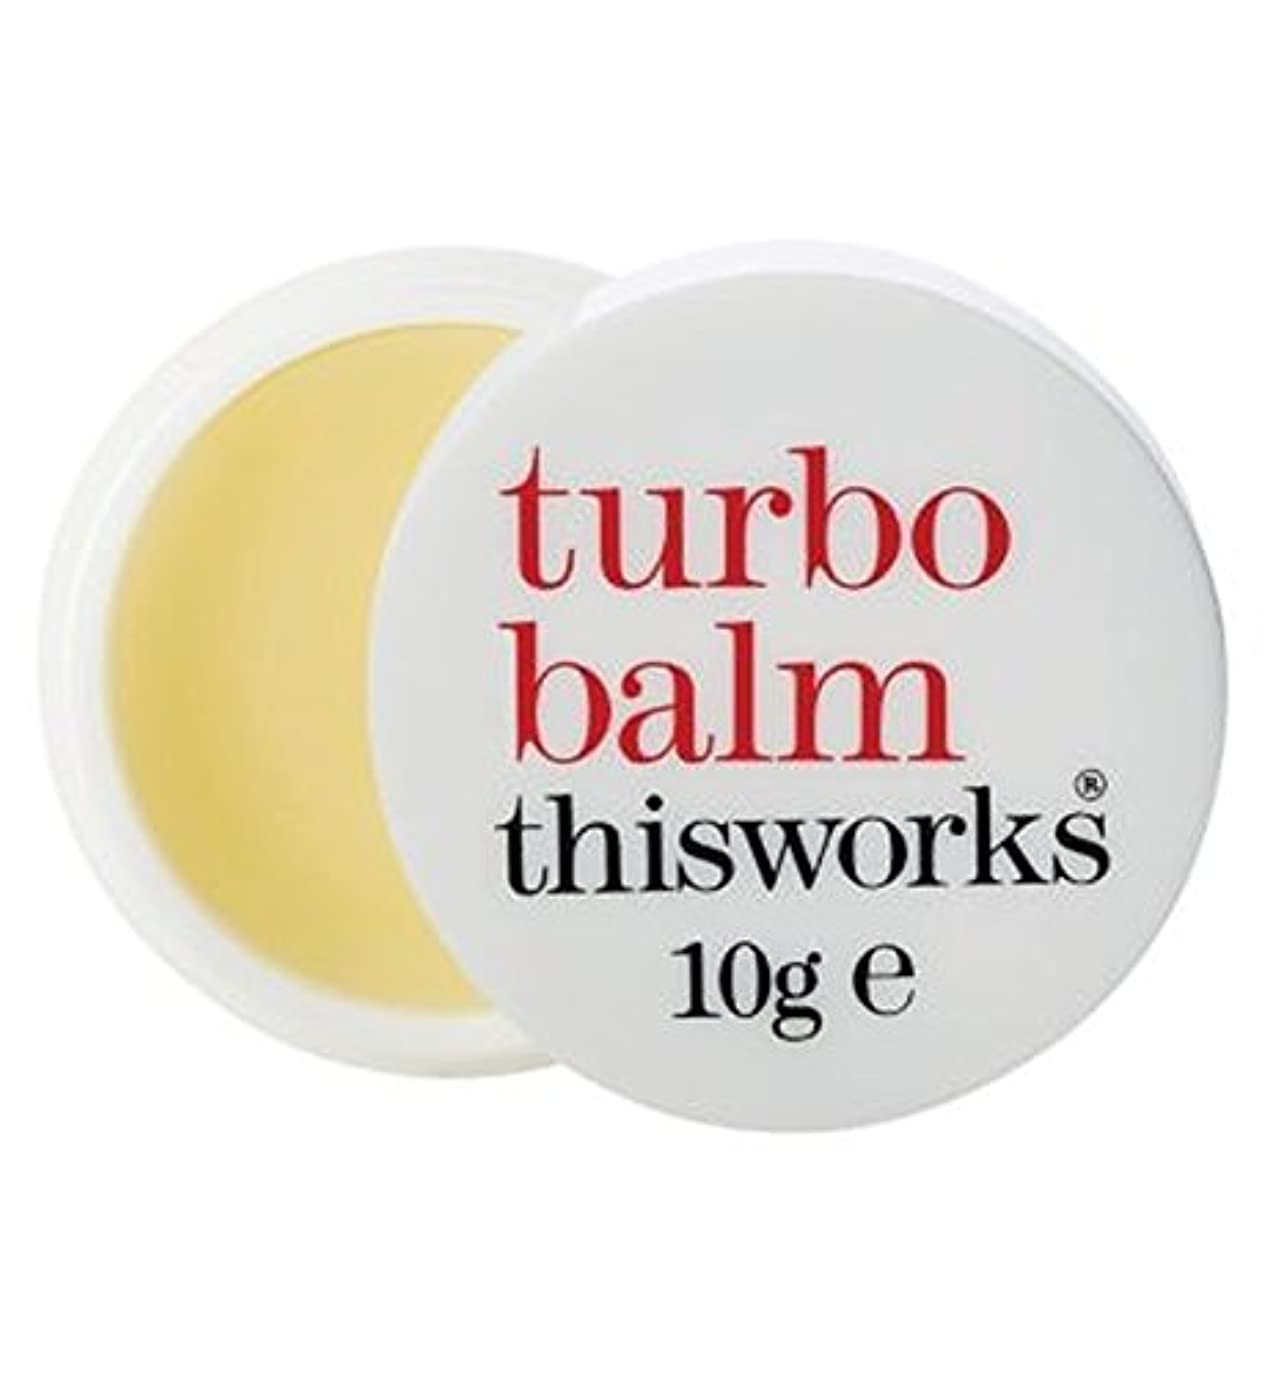 風景雪なめらかthis works in transit Turbo Balm 10g - これはトランジットターボバーム10Gで動作します (This Works) [並行輸入品]